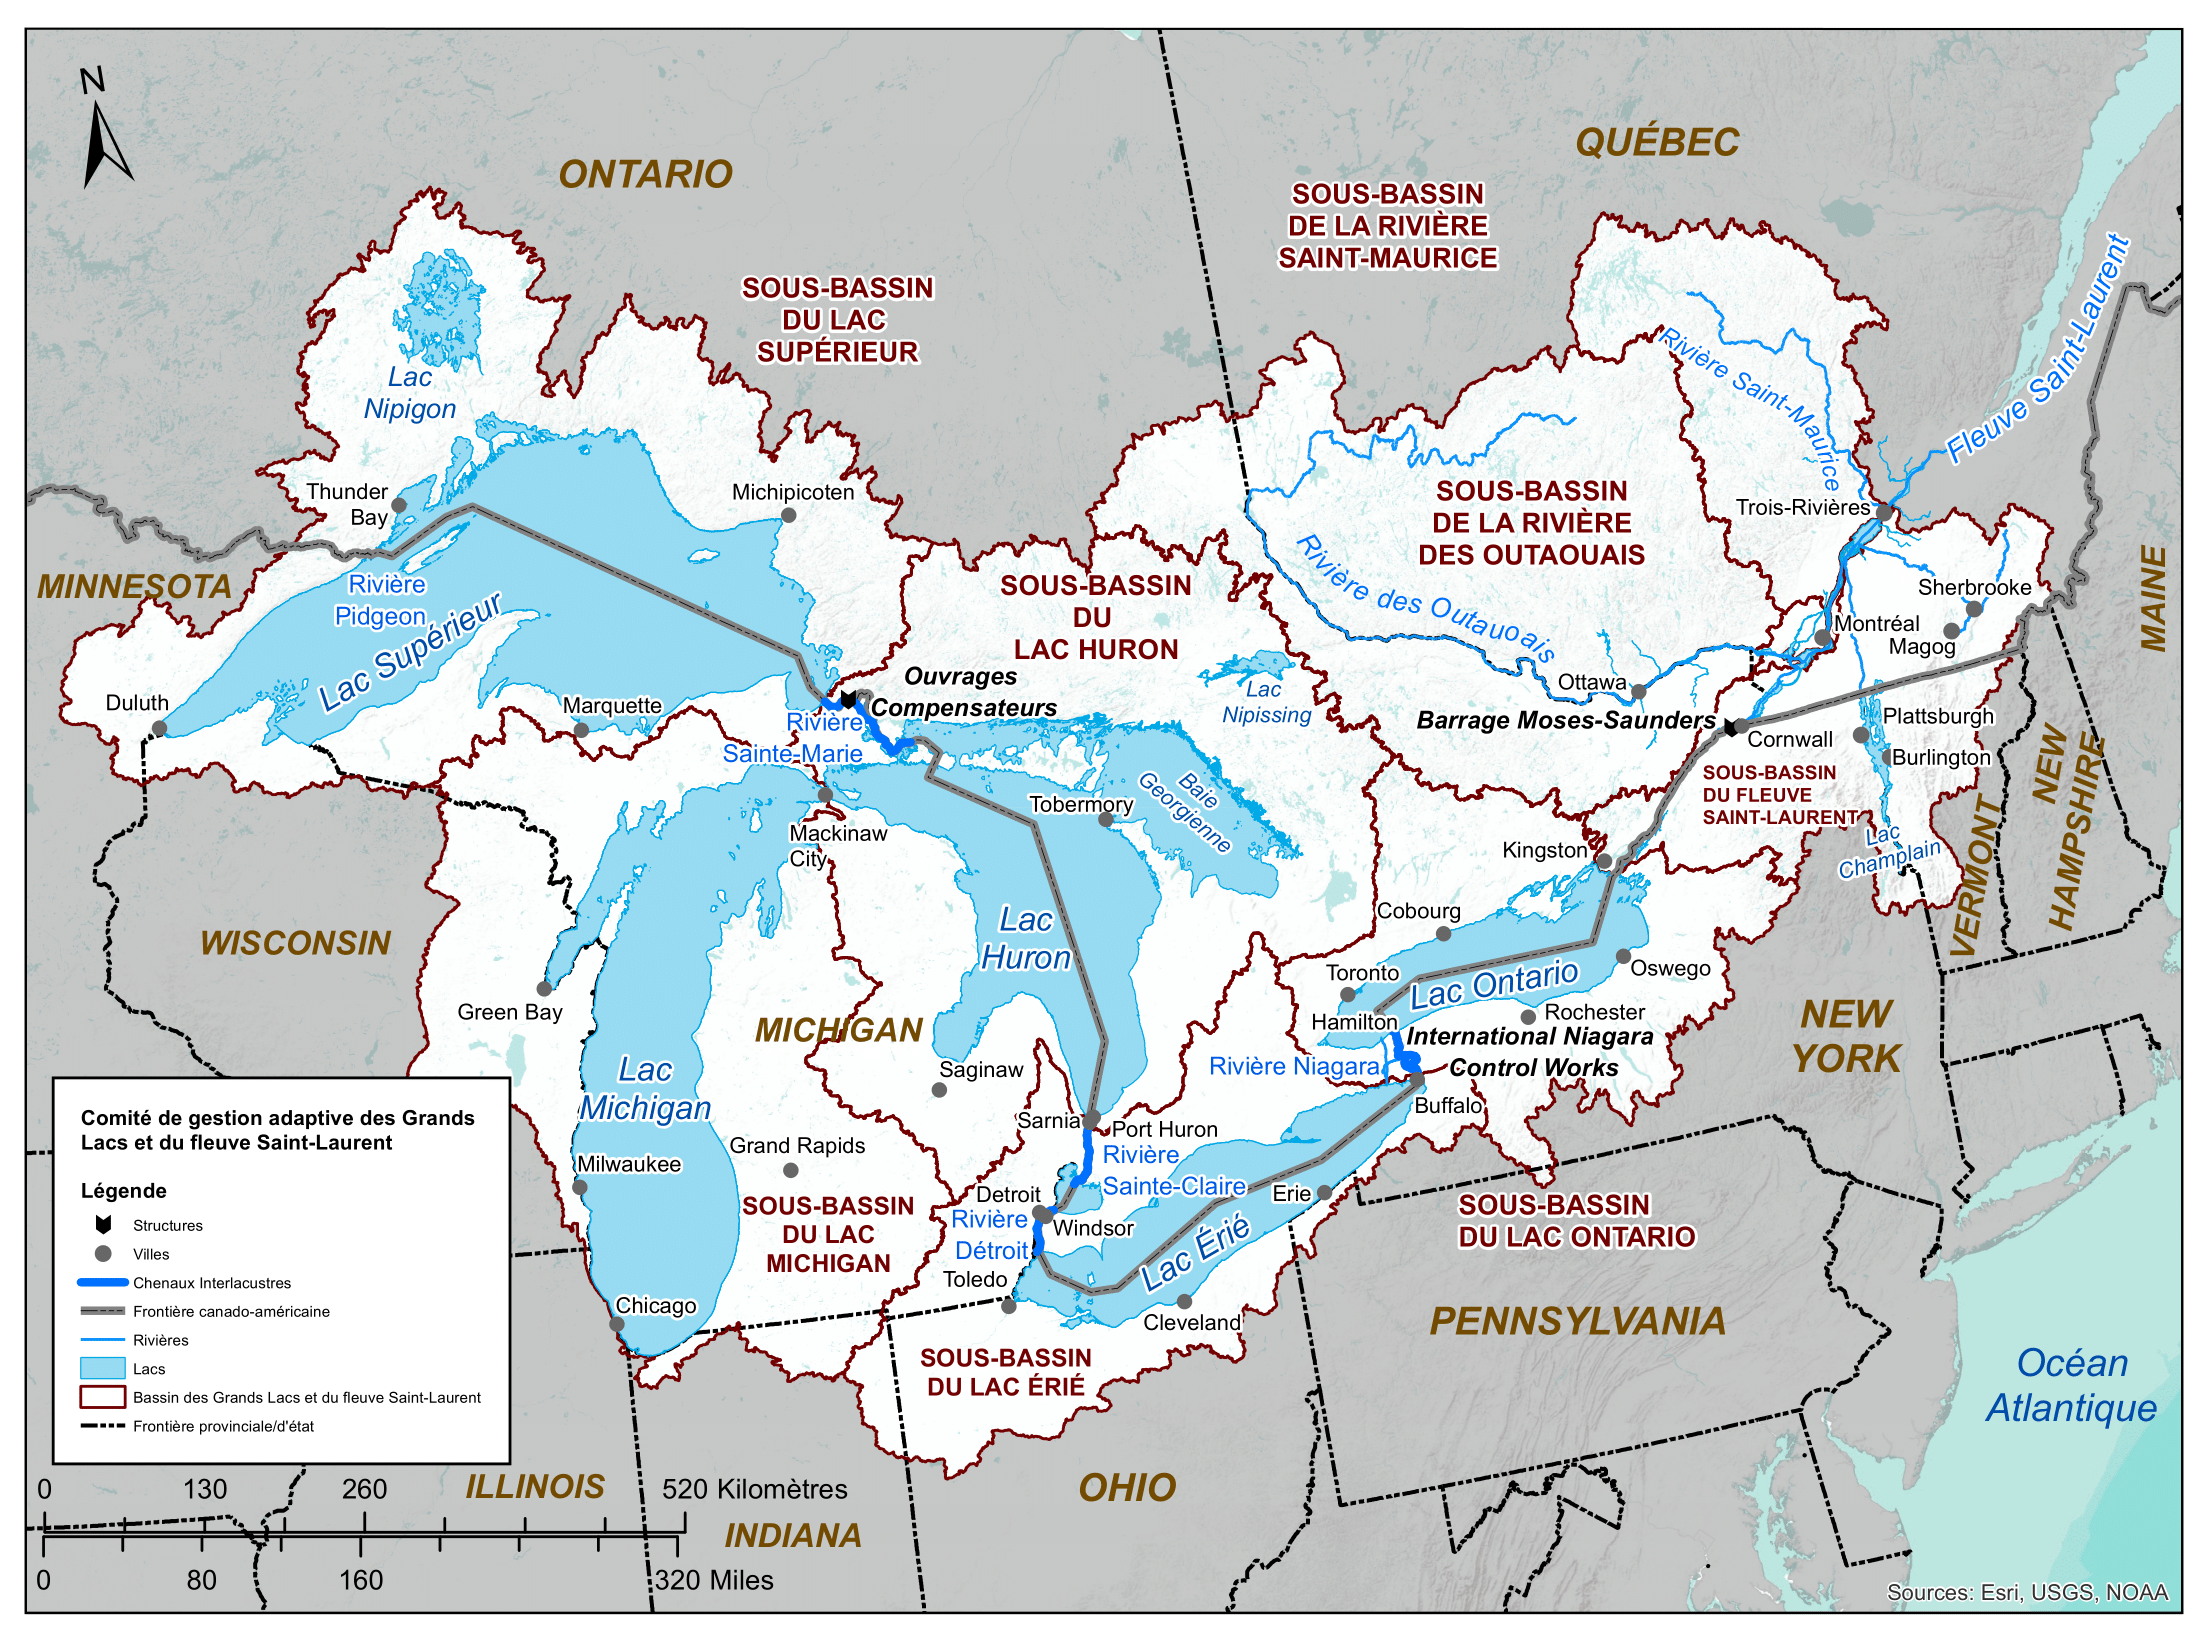 Grands Lacs et fleuve Saint-Laurent